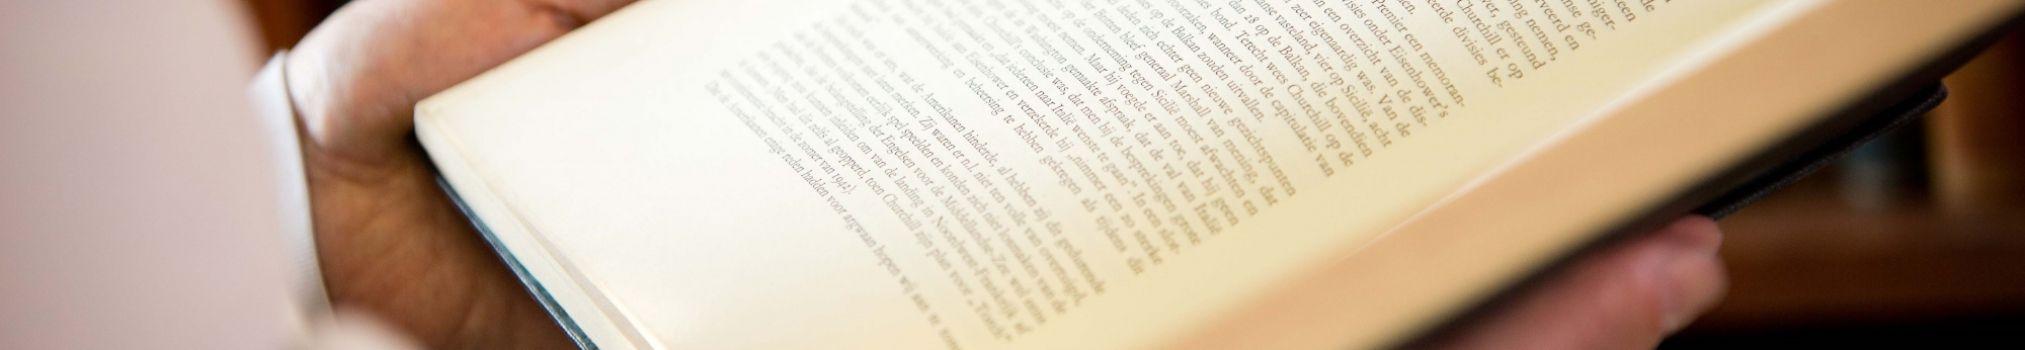 Un frère lit à haute voix des passages d'un livre